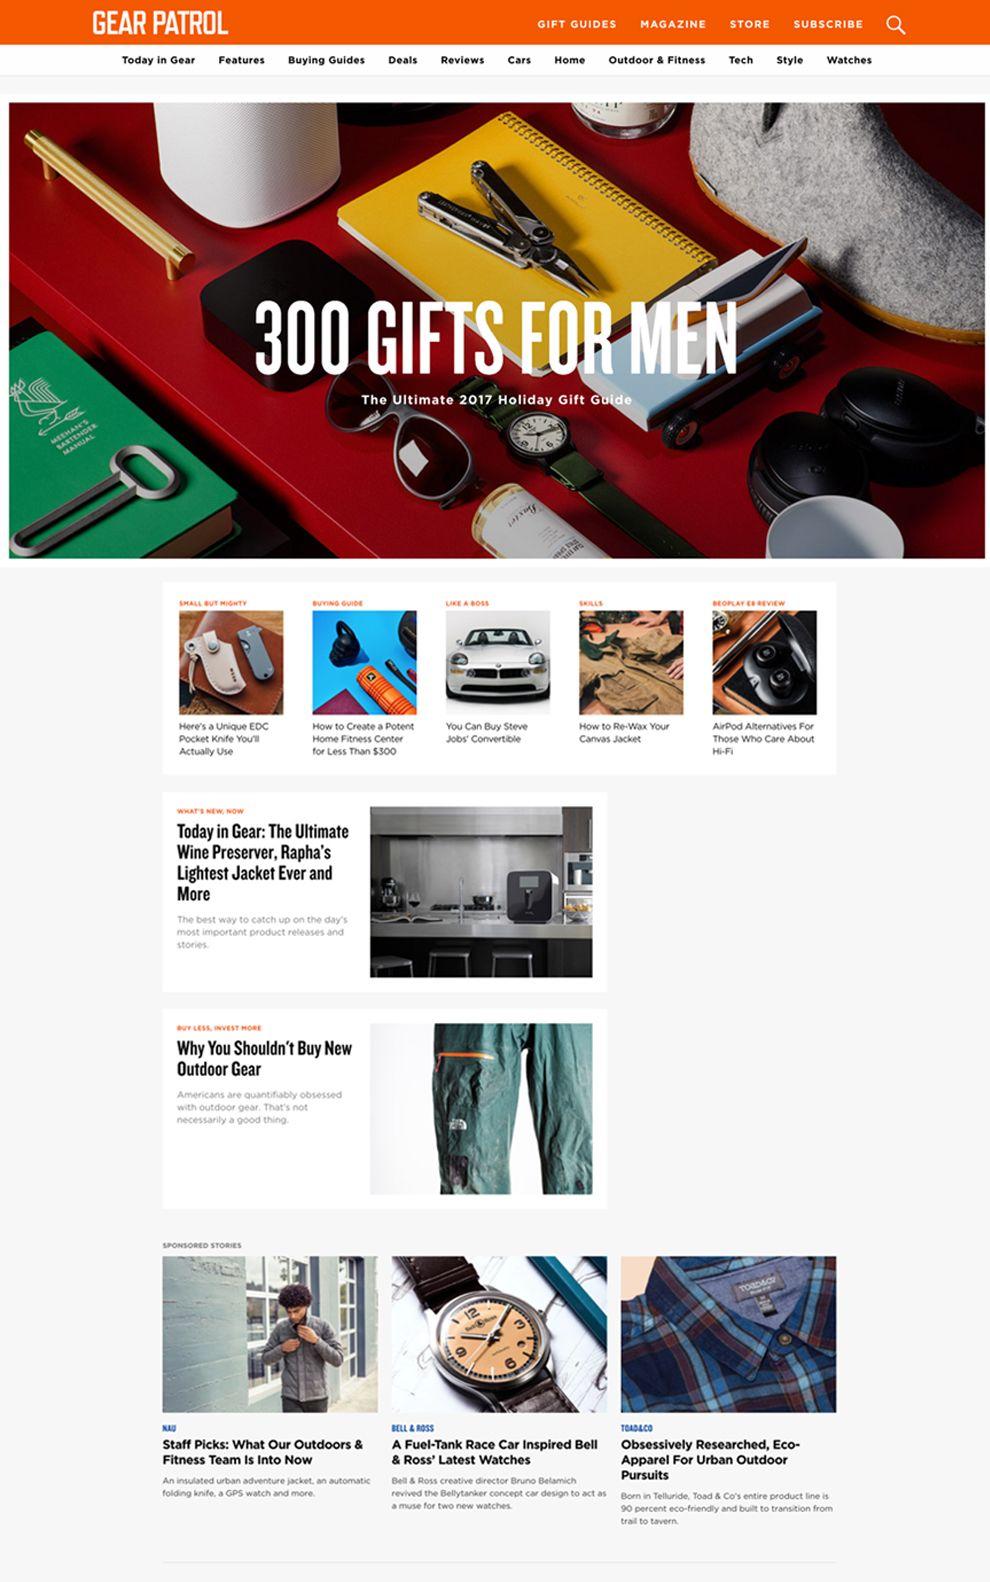 Gear Patrol Clean Homepage